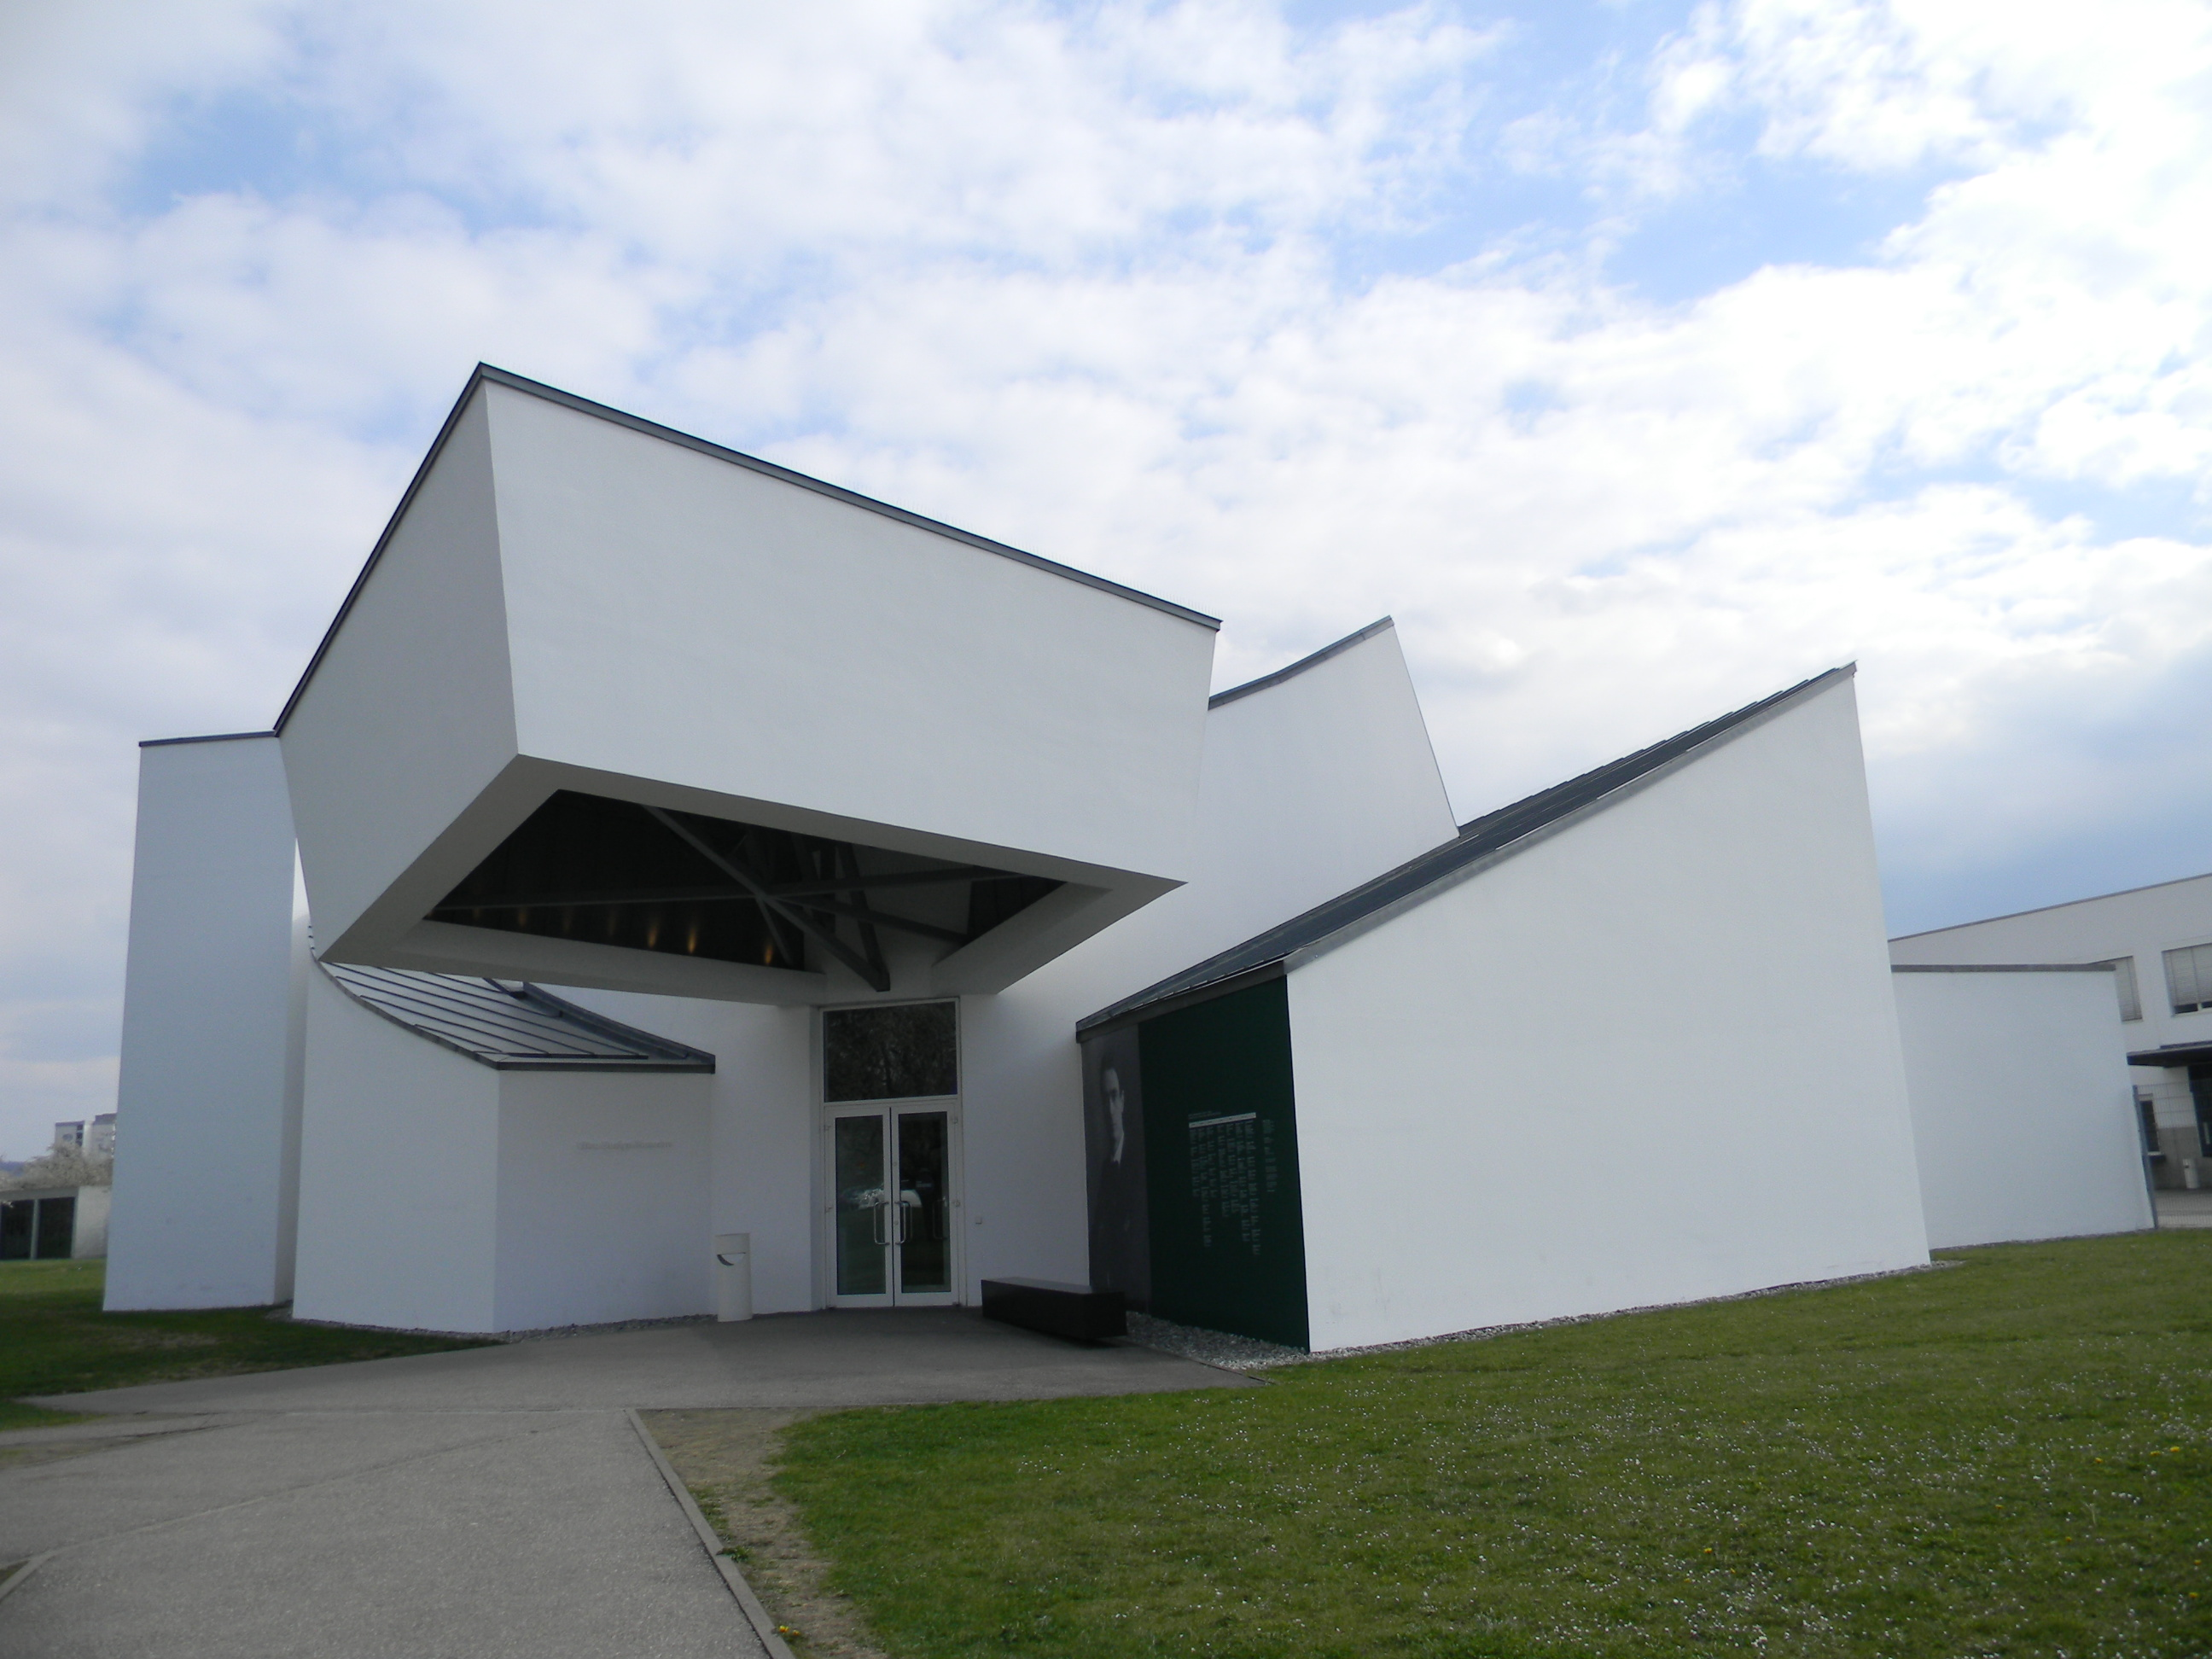 infissi moderni architettura moderna : Moderno e tradizionale si intrecciano in un quadro d?insieme ...